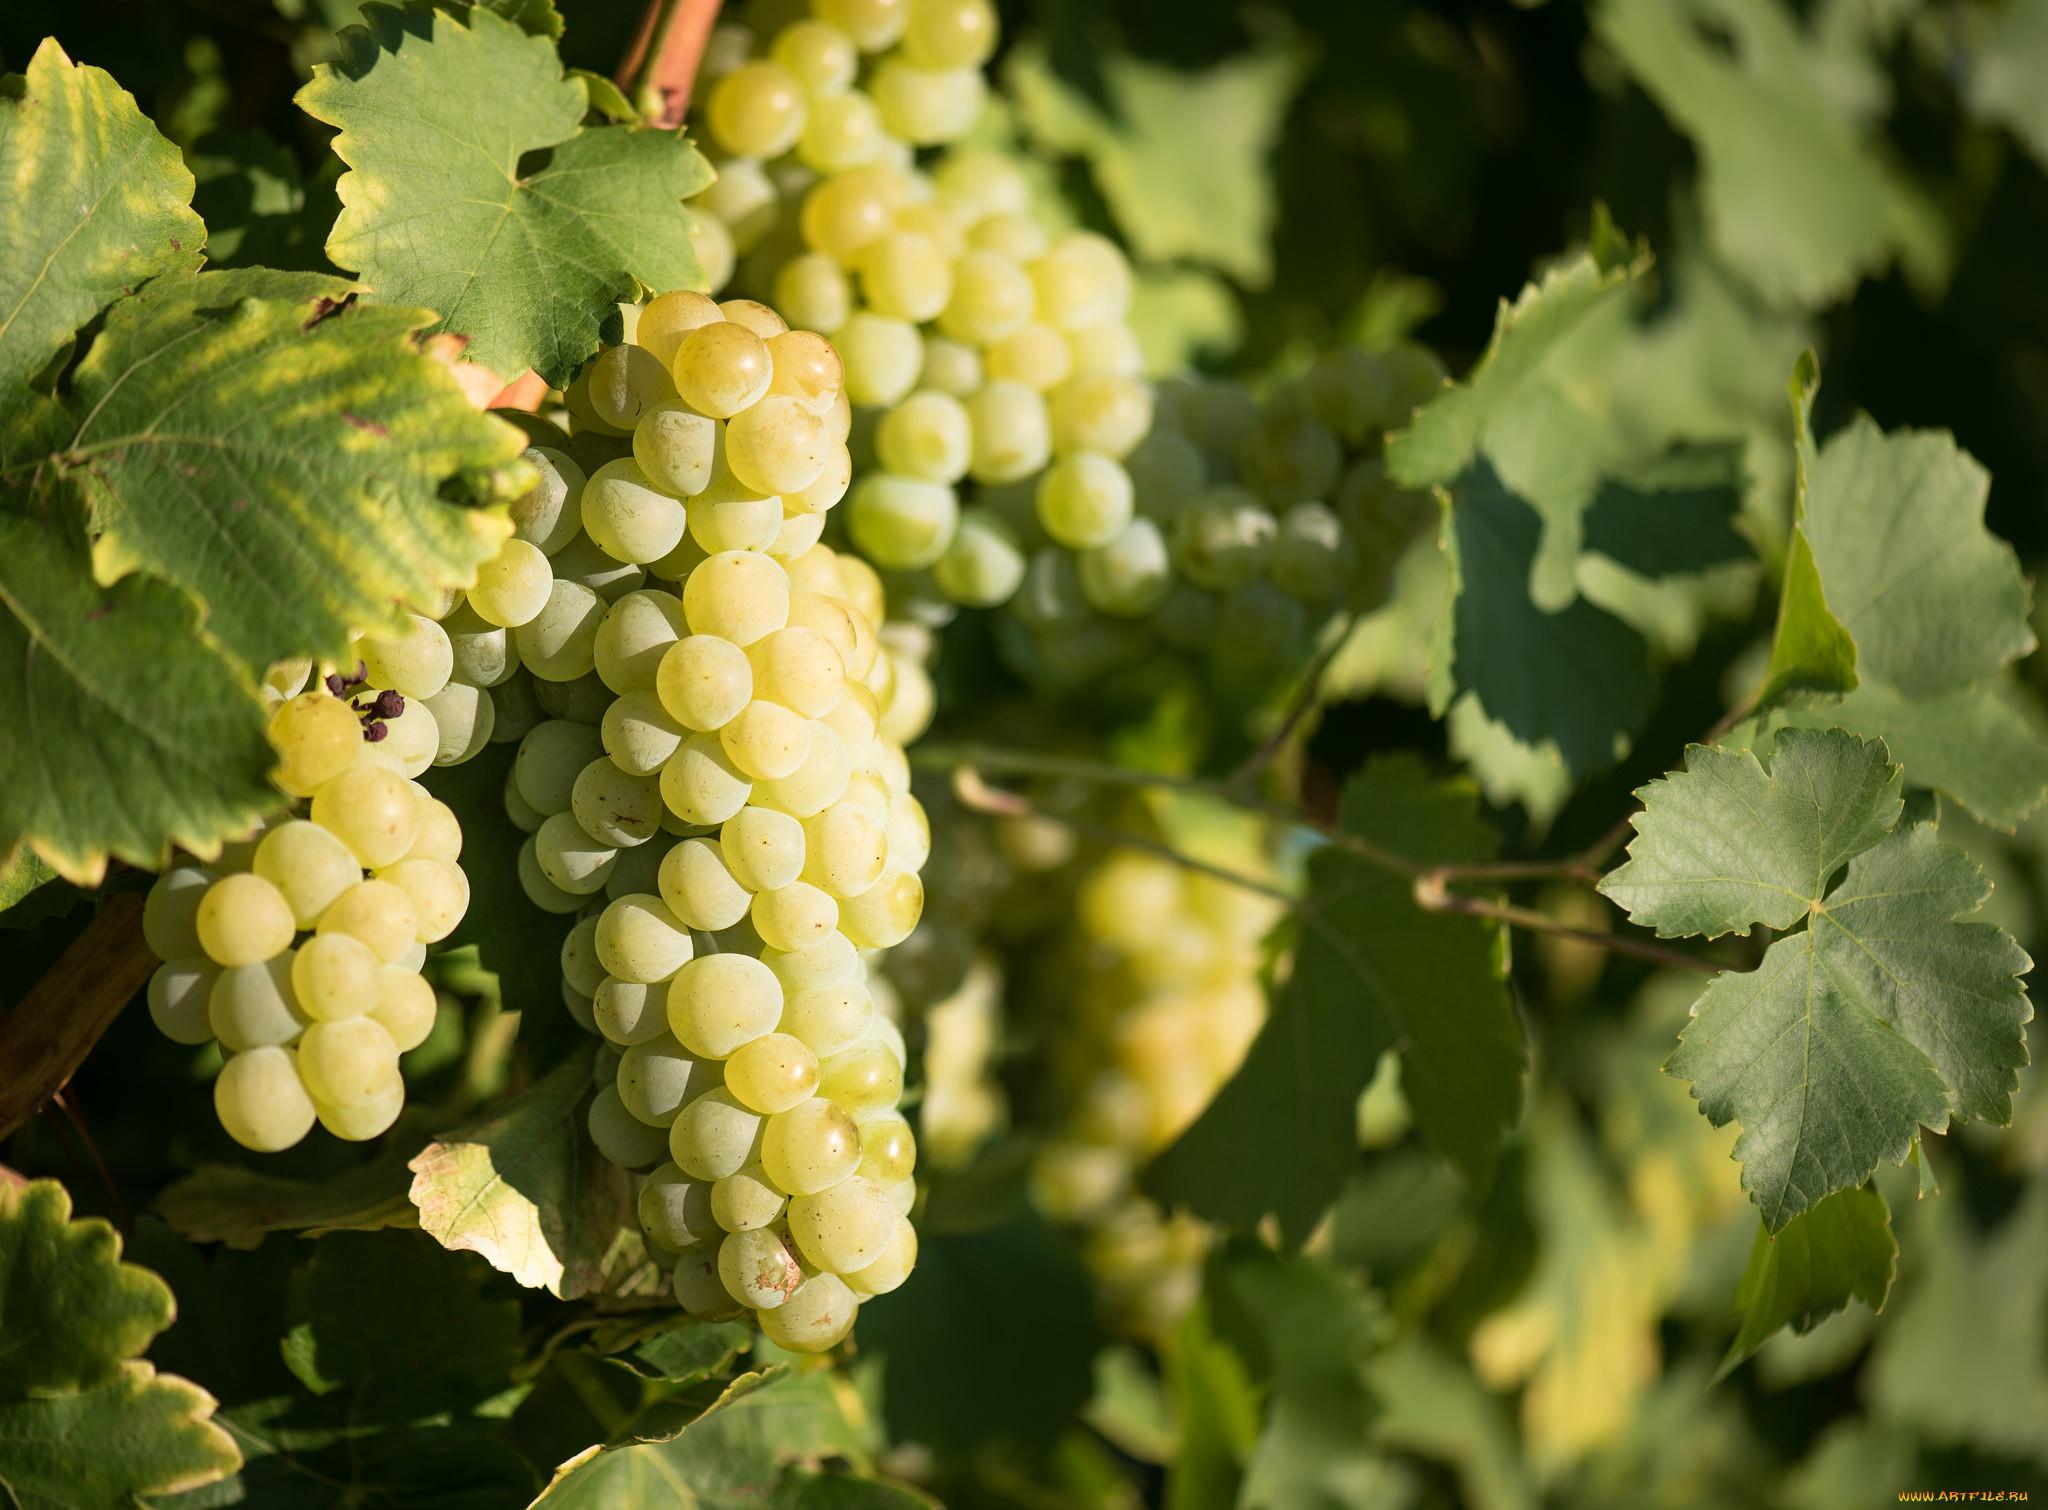 красивые картинки виноградной лозы почему